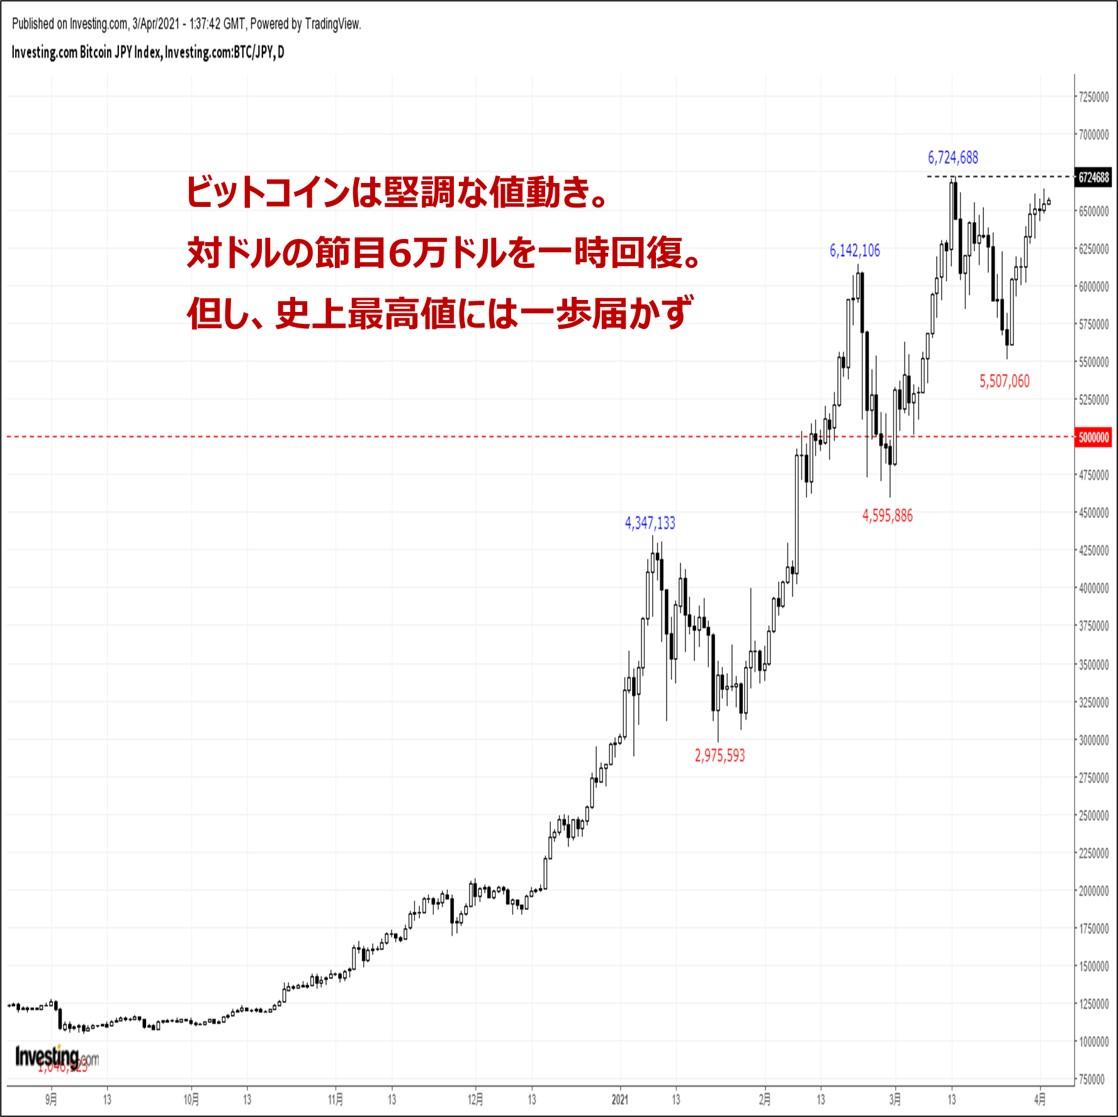 ビットコインの価格分析:『対ドルの節目6万ドルを一時回復。史上最高値を試す展開』(4/3)